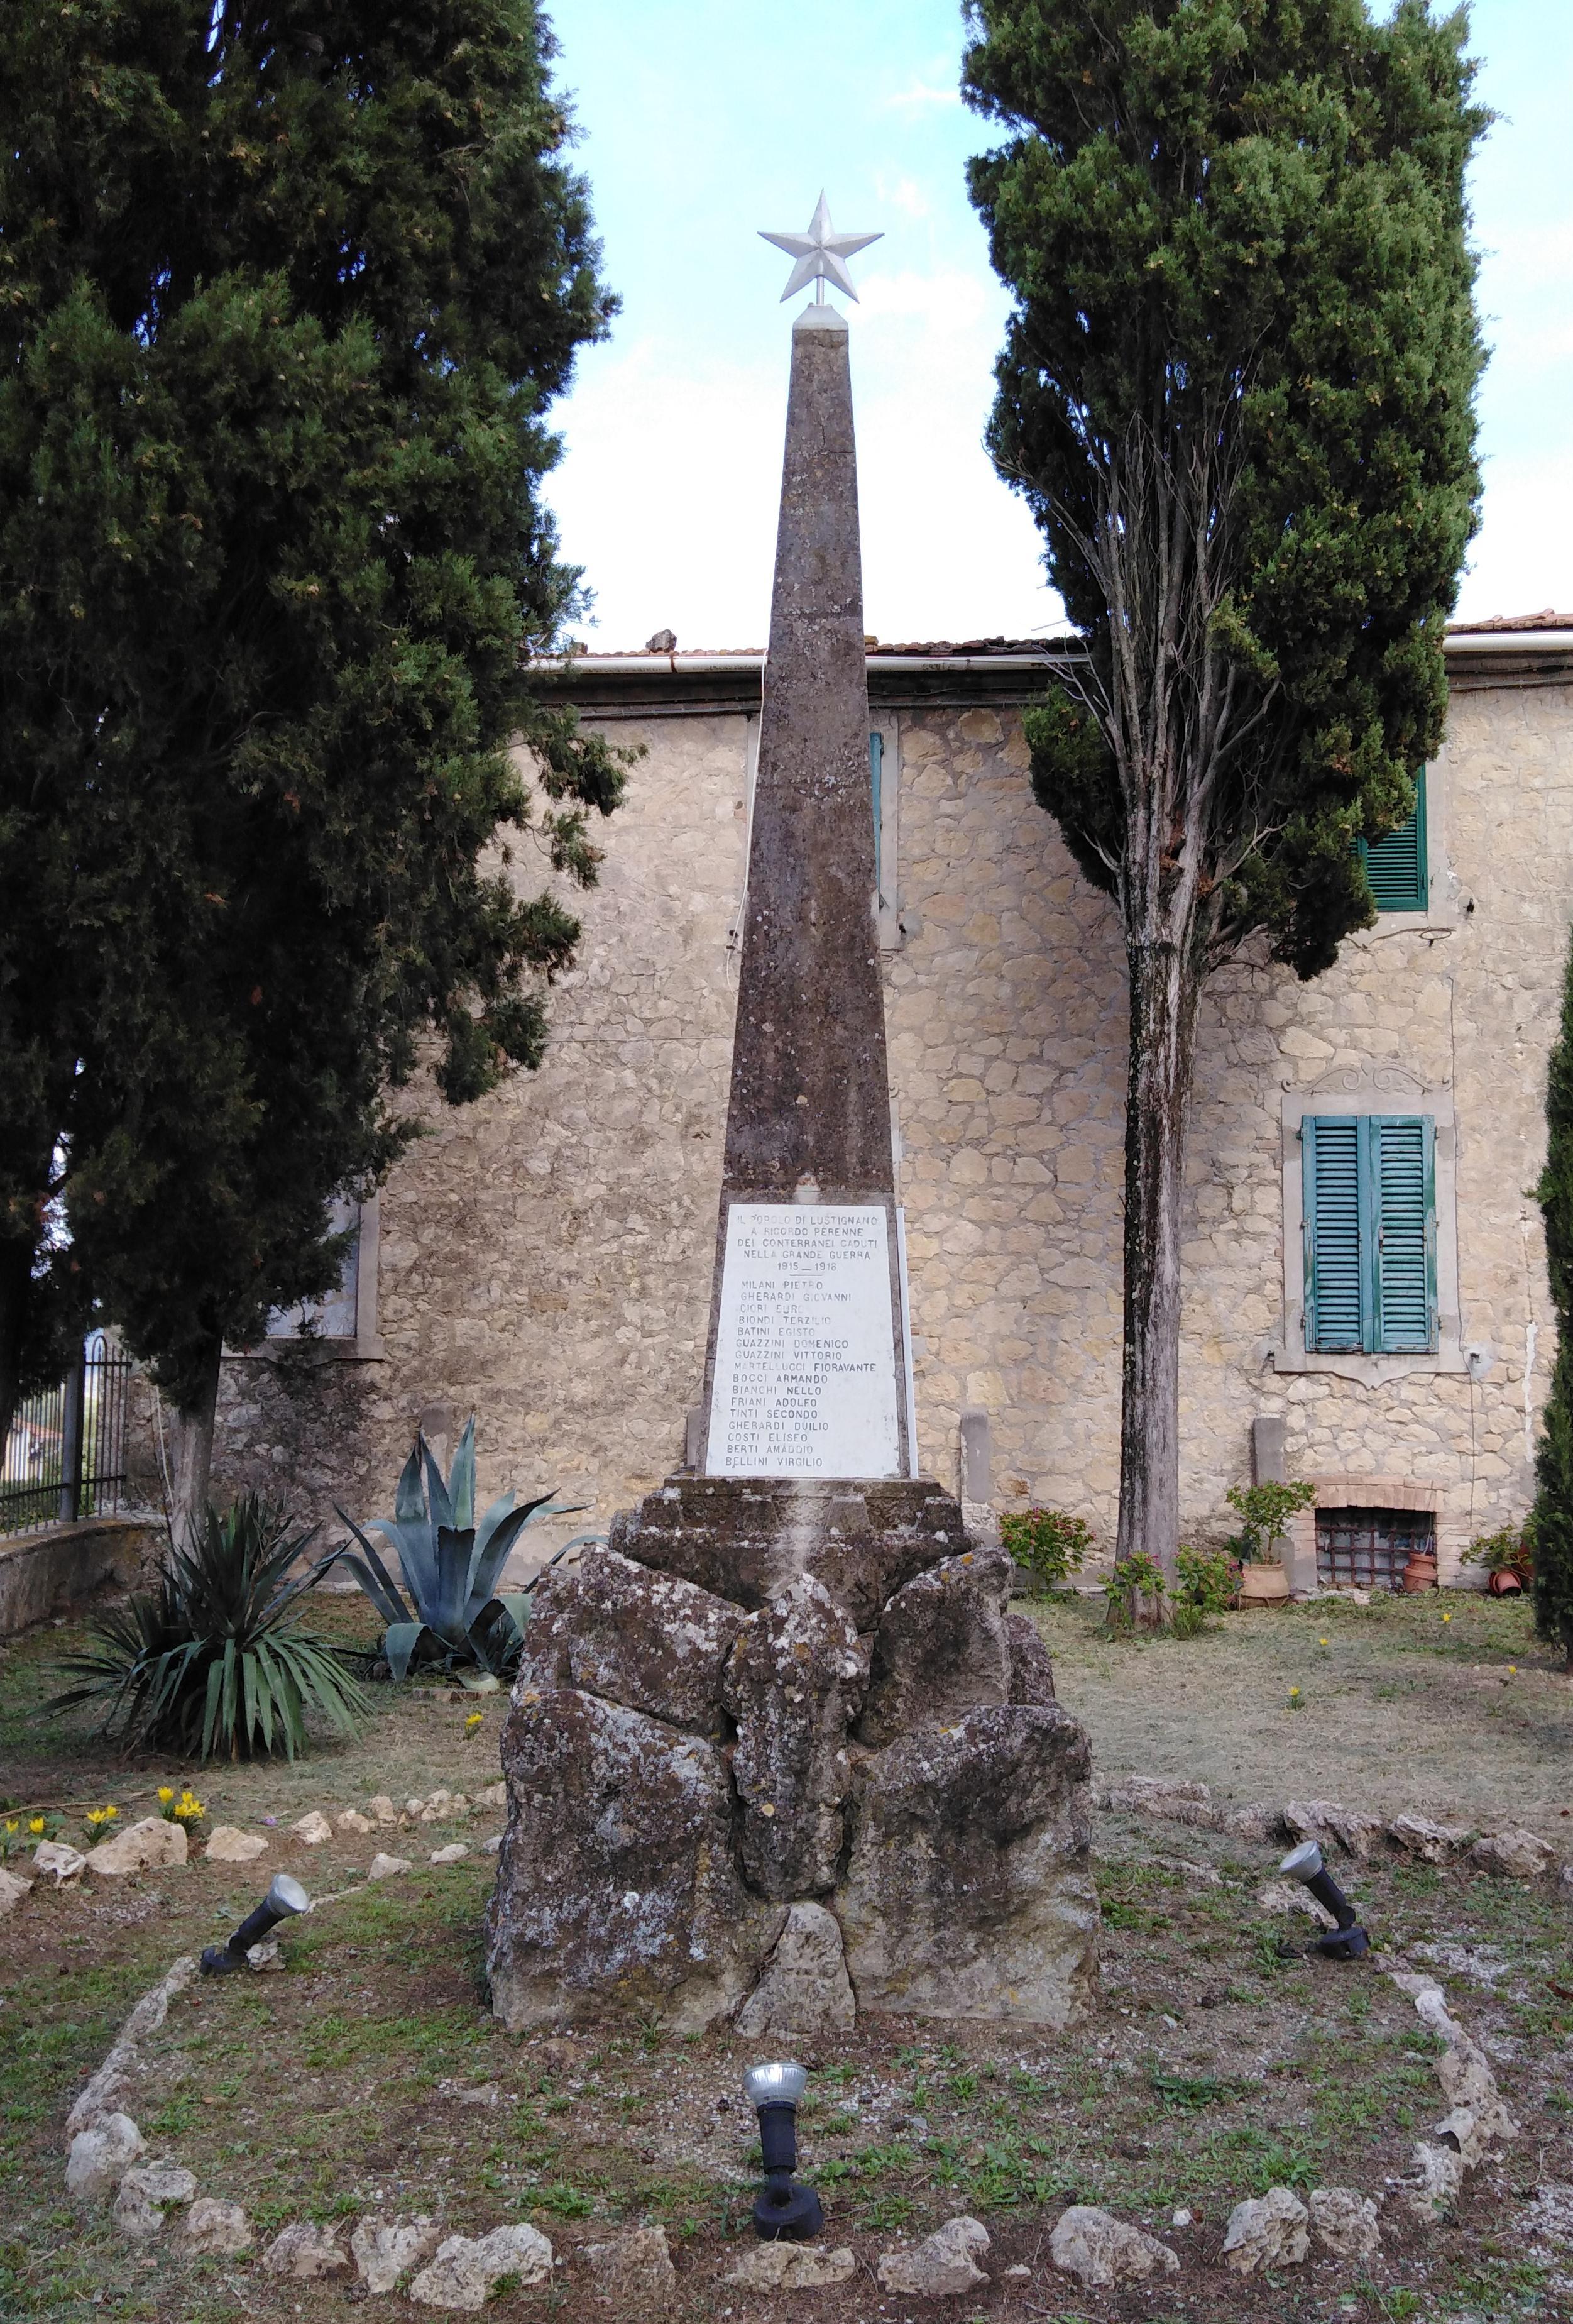 monumento ai caduti - ad obelisco - ambito toscano (prima metà sec. XX)